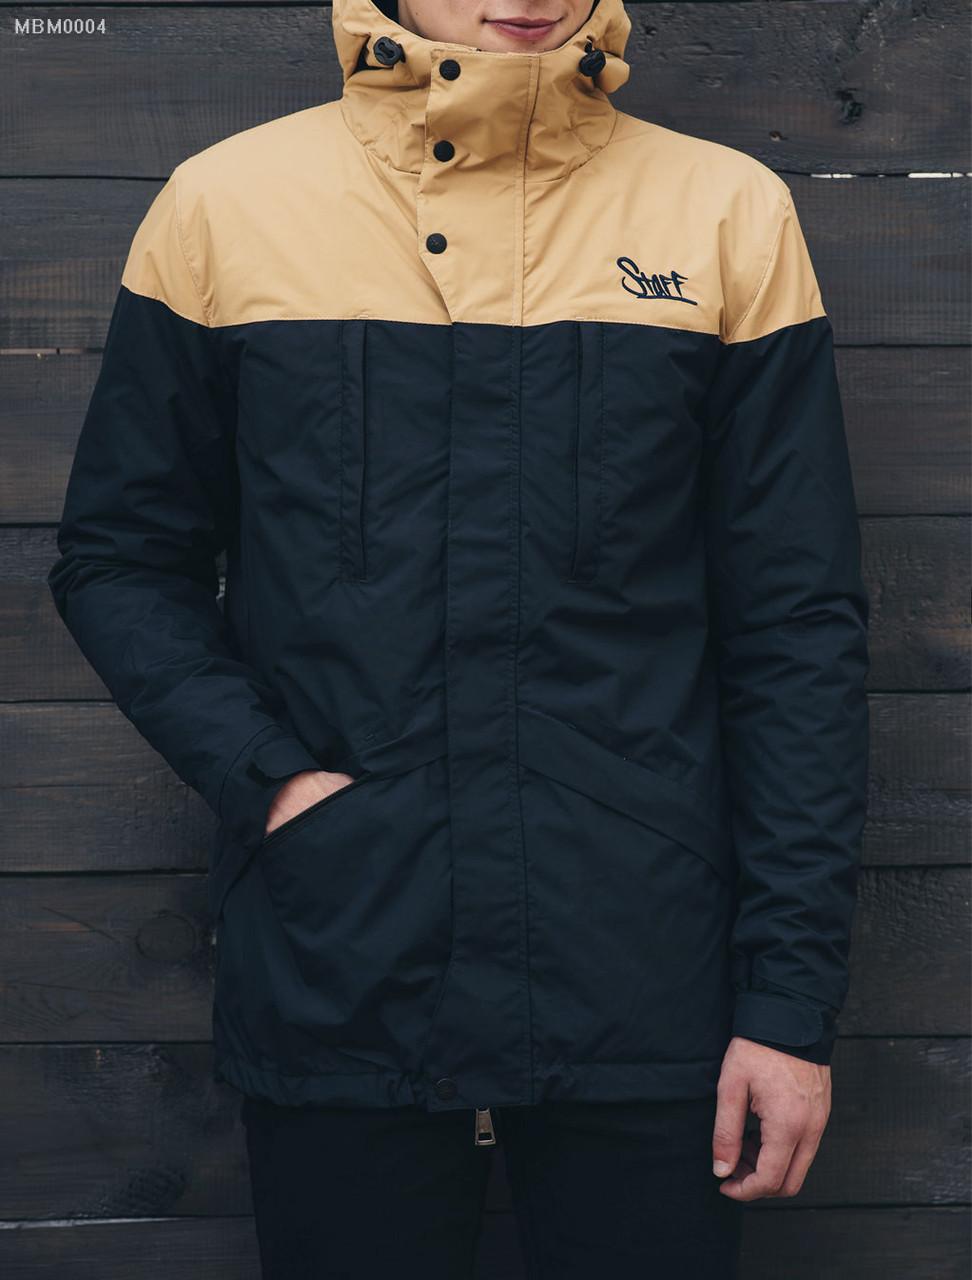 Куртка мужская весна осень Staff Wind beige демисезонная непромокаемая с  капюшоном (весенняя 4b5848af5bce0